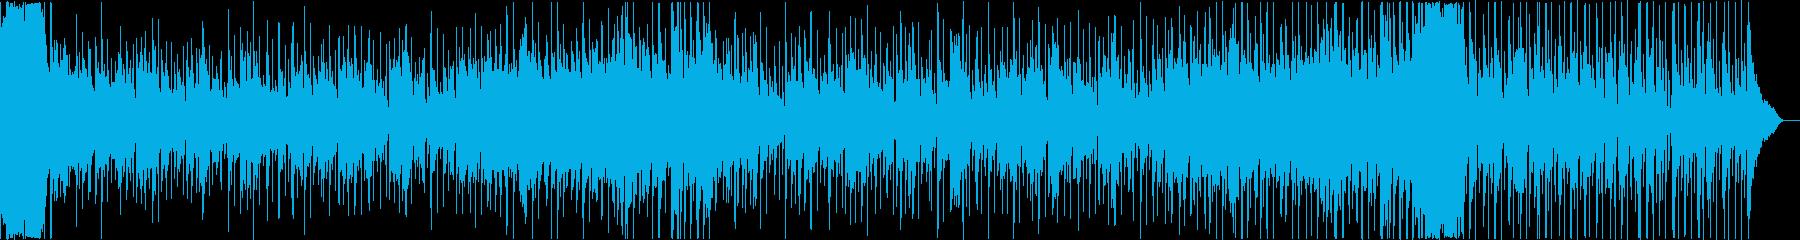 ピアノがメインの優しいBGMの再生済みの波形